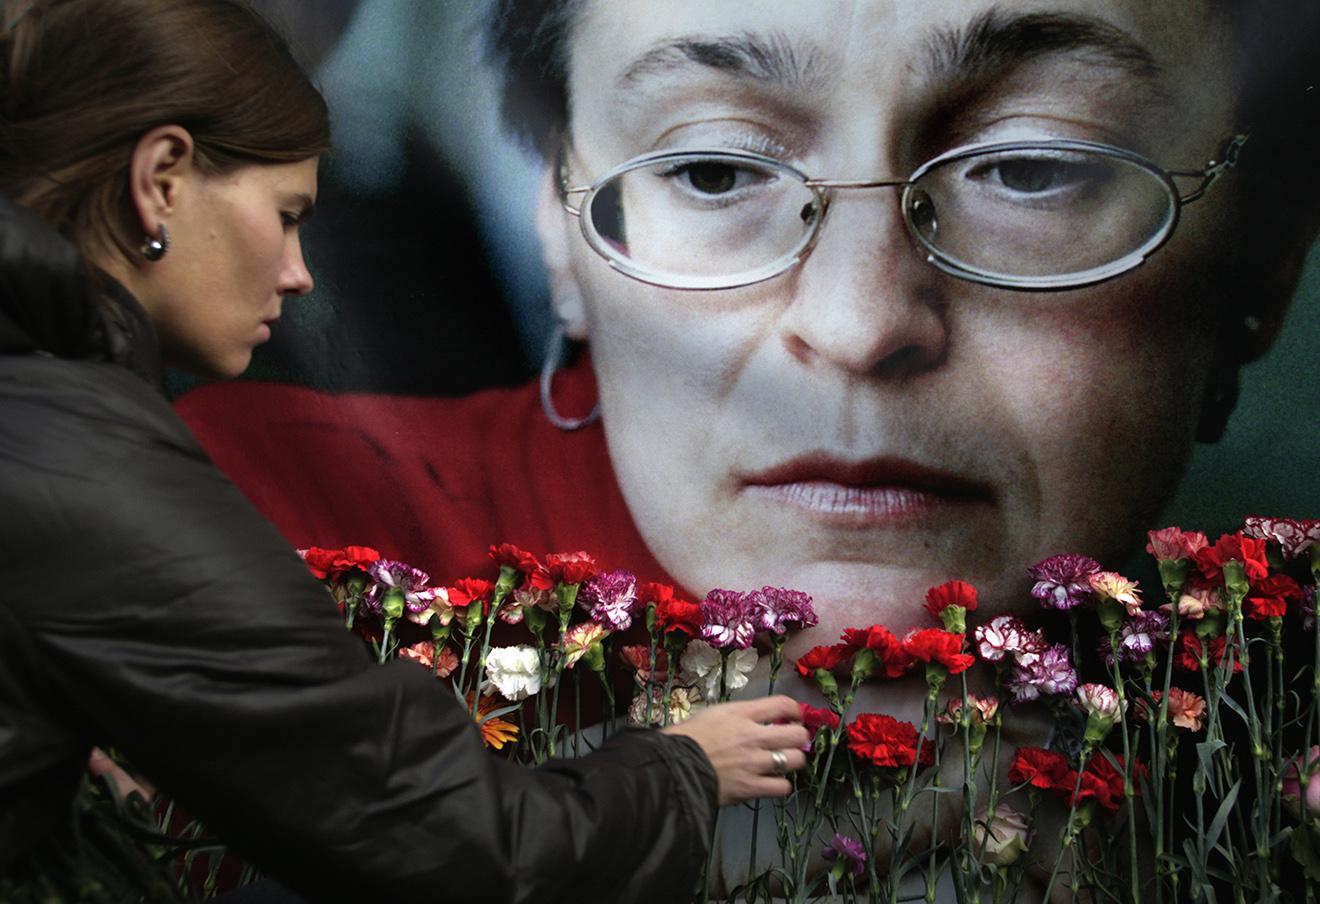 Фото: Павел Головкин / AP / East News